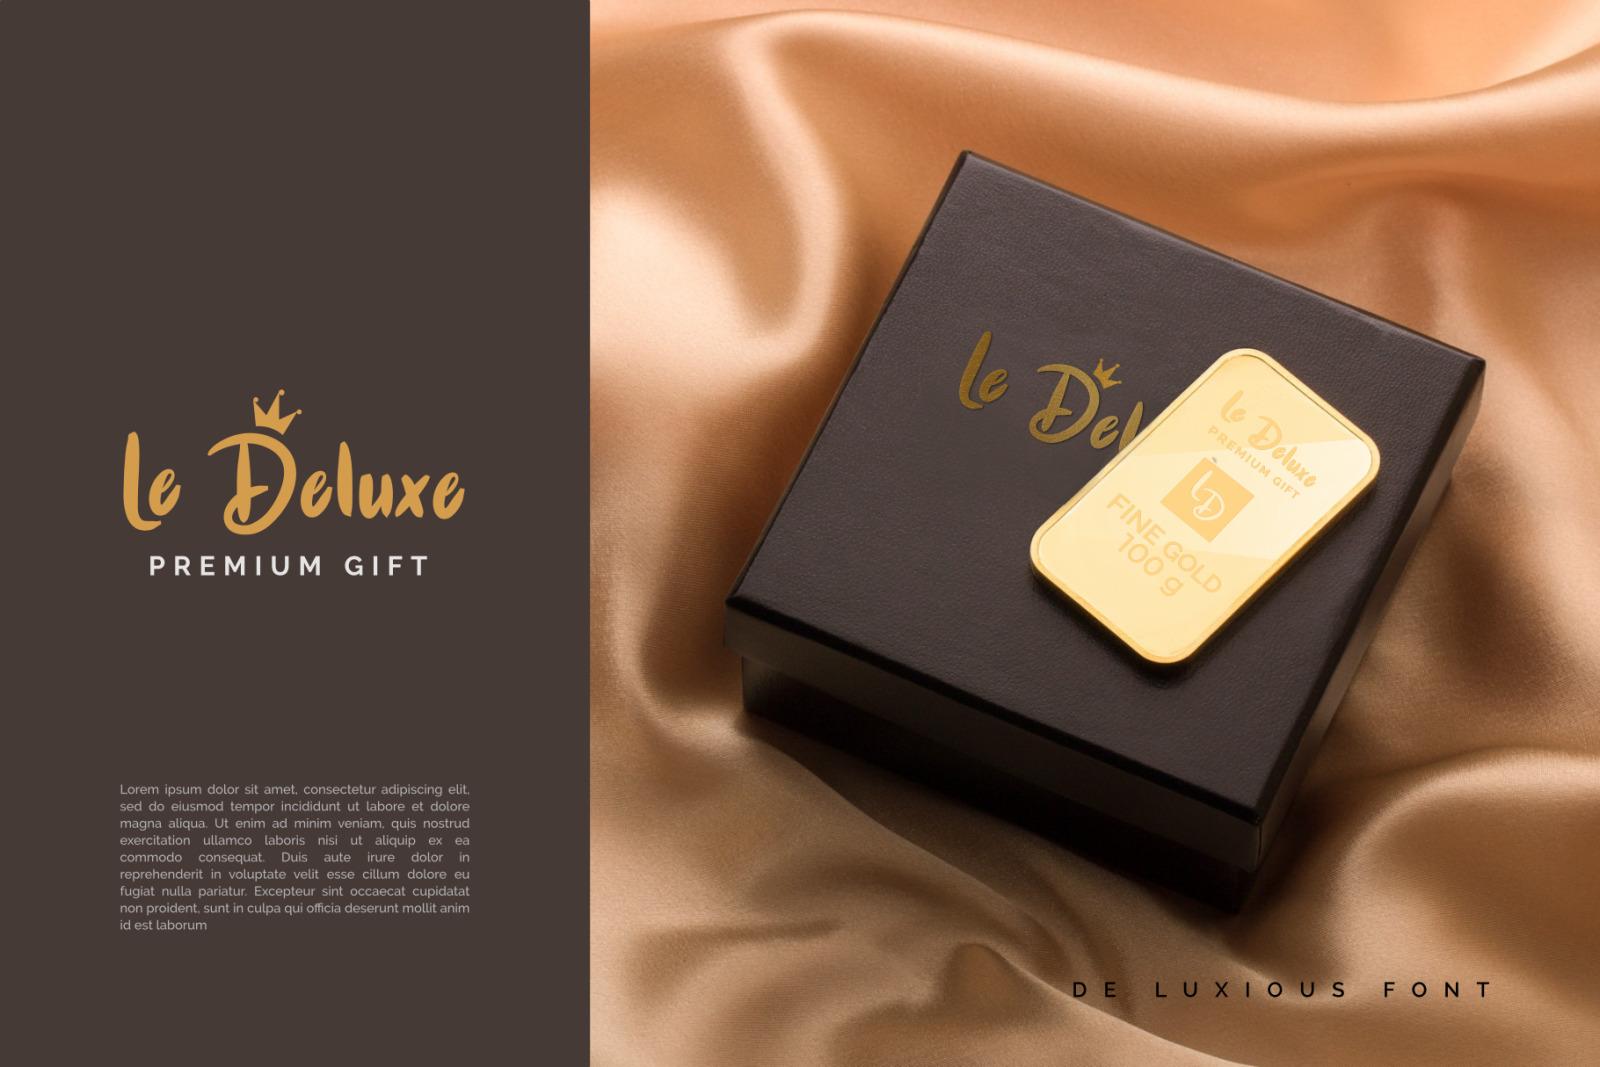 De Luxious